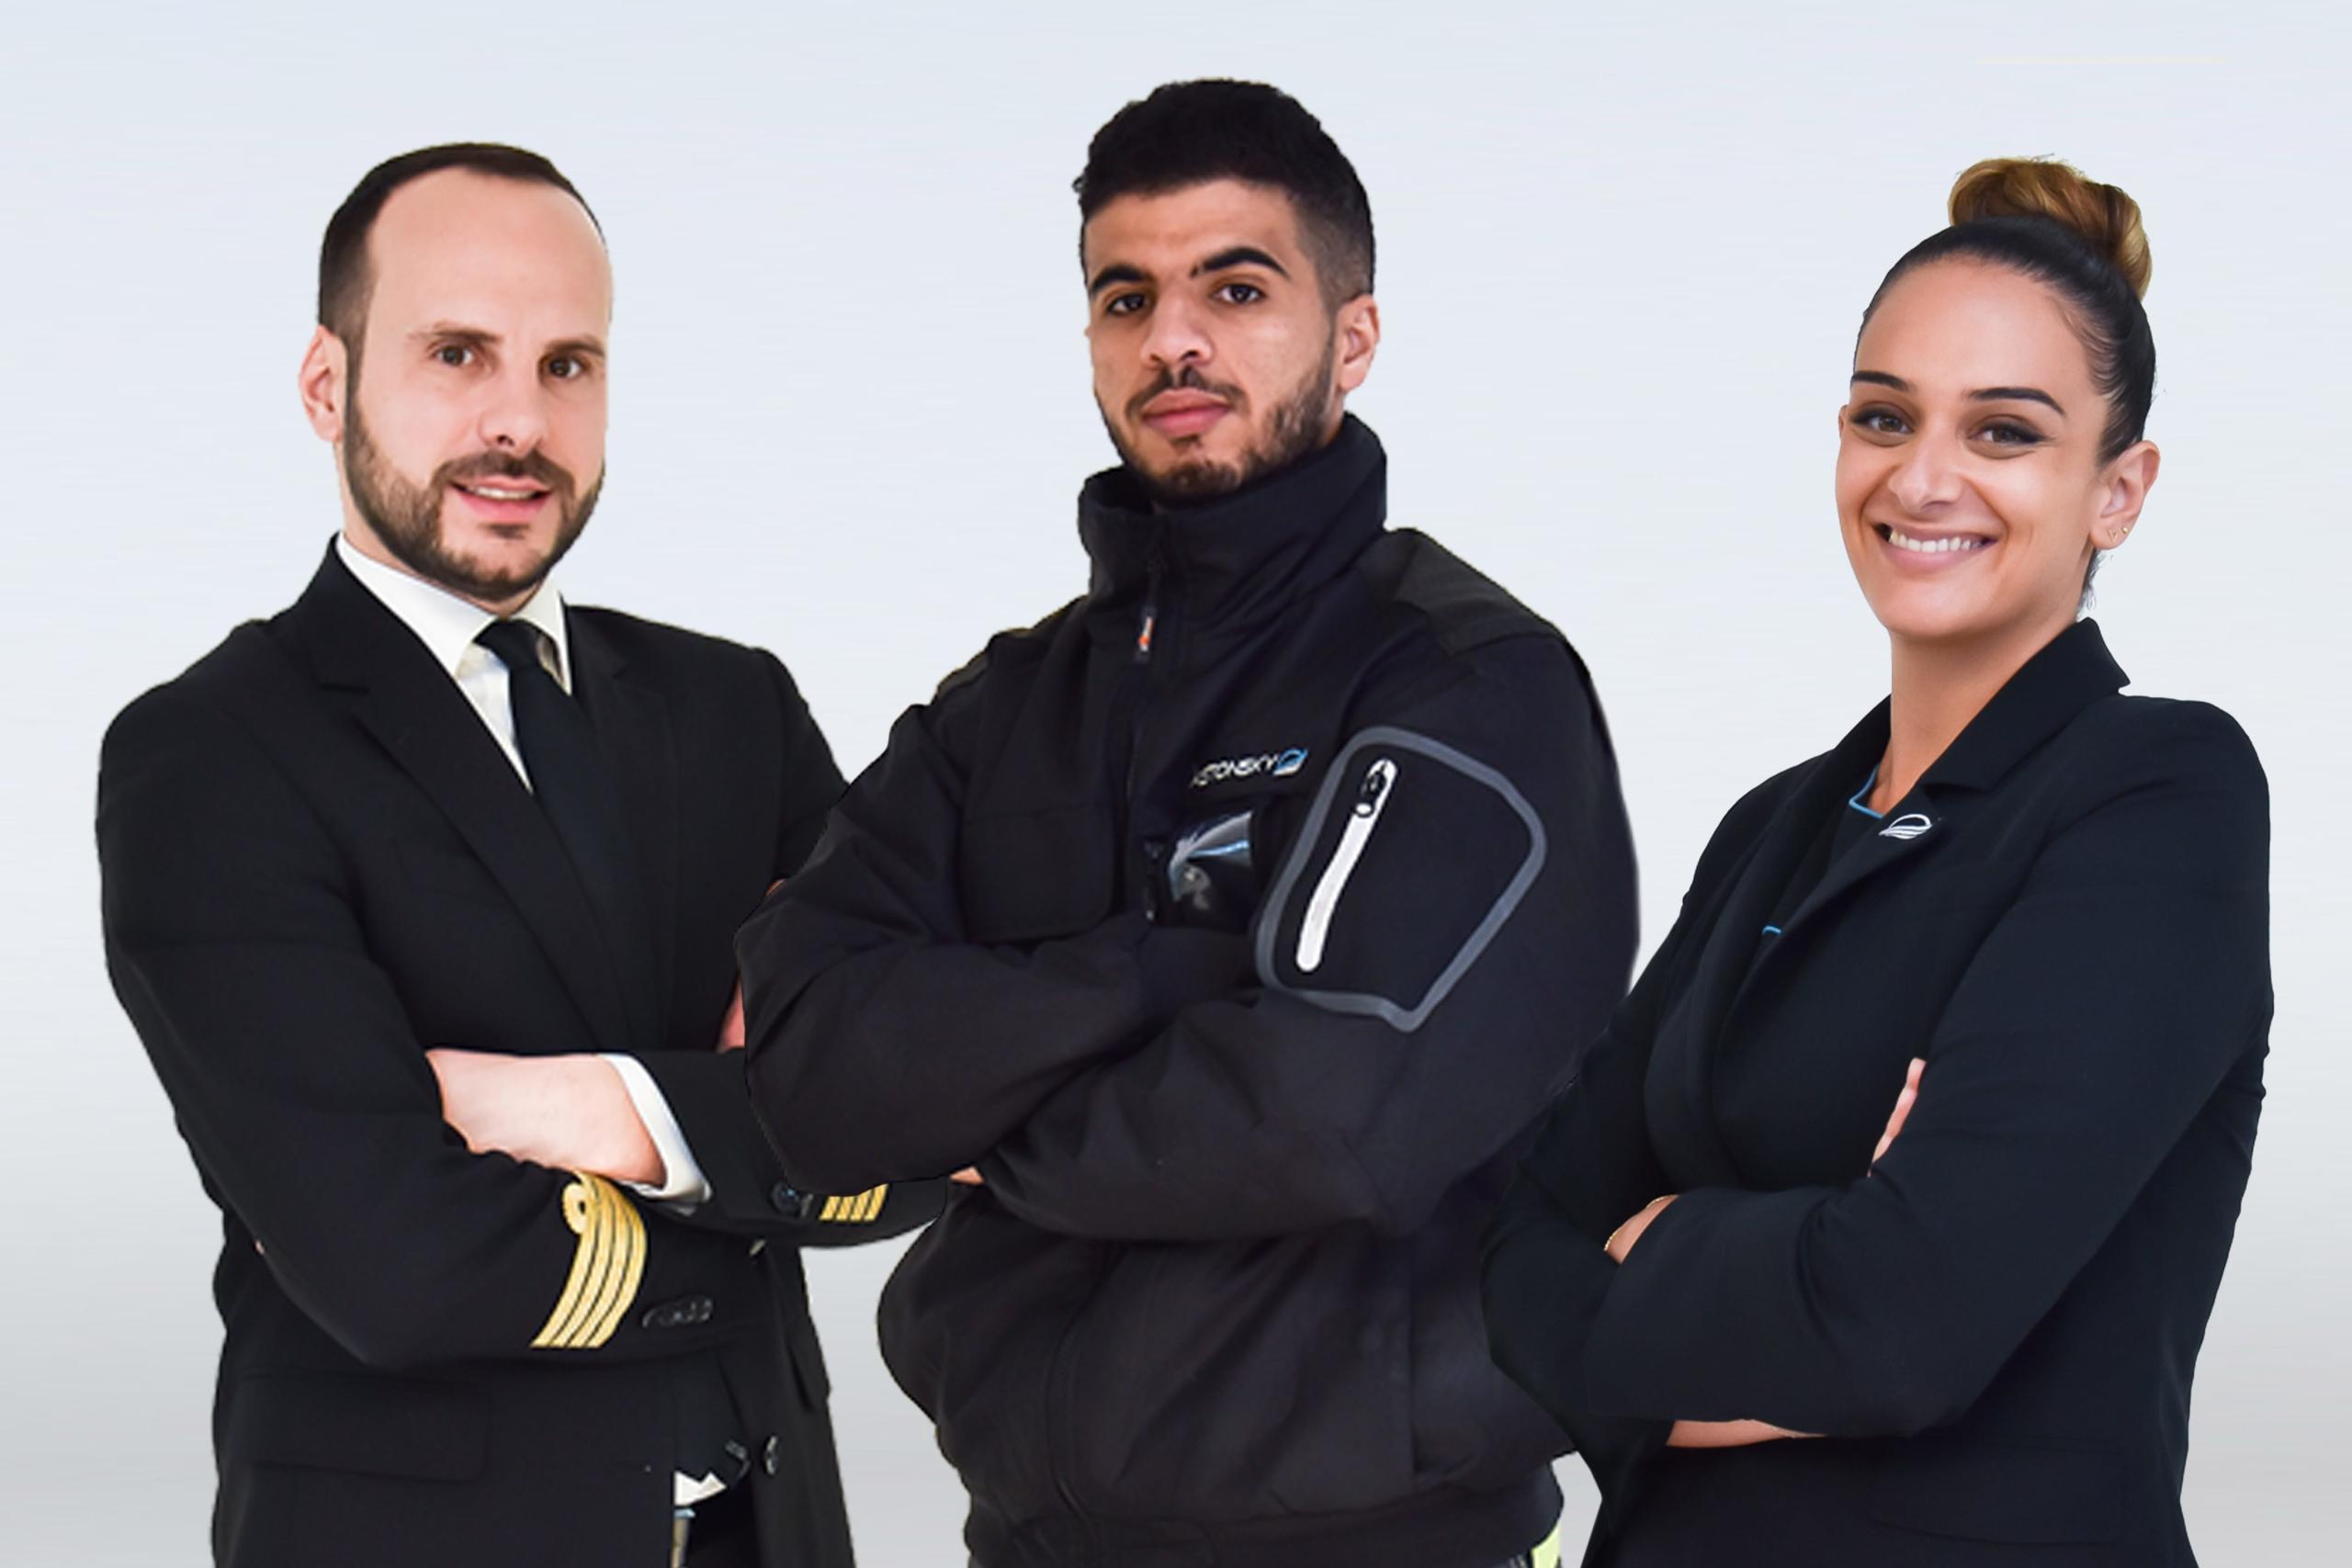 Recrutement de pilotes, agent de piste, agent d'escale, mécanicien aéronautique